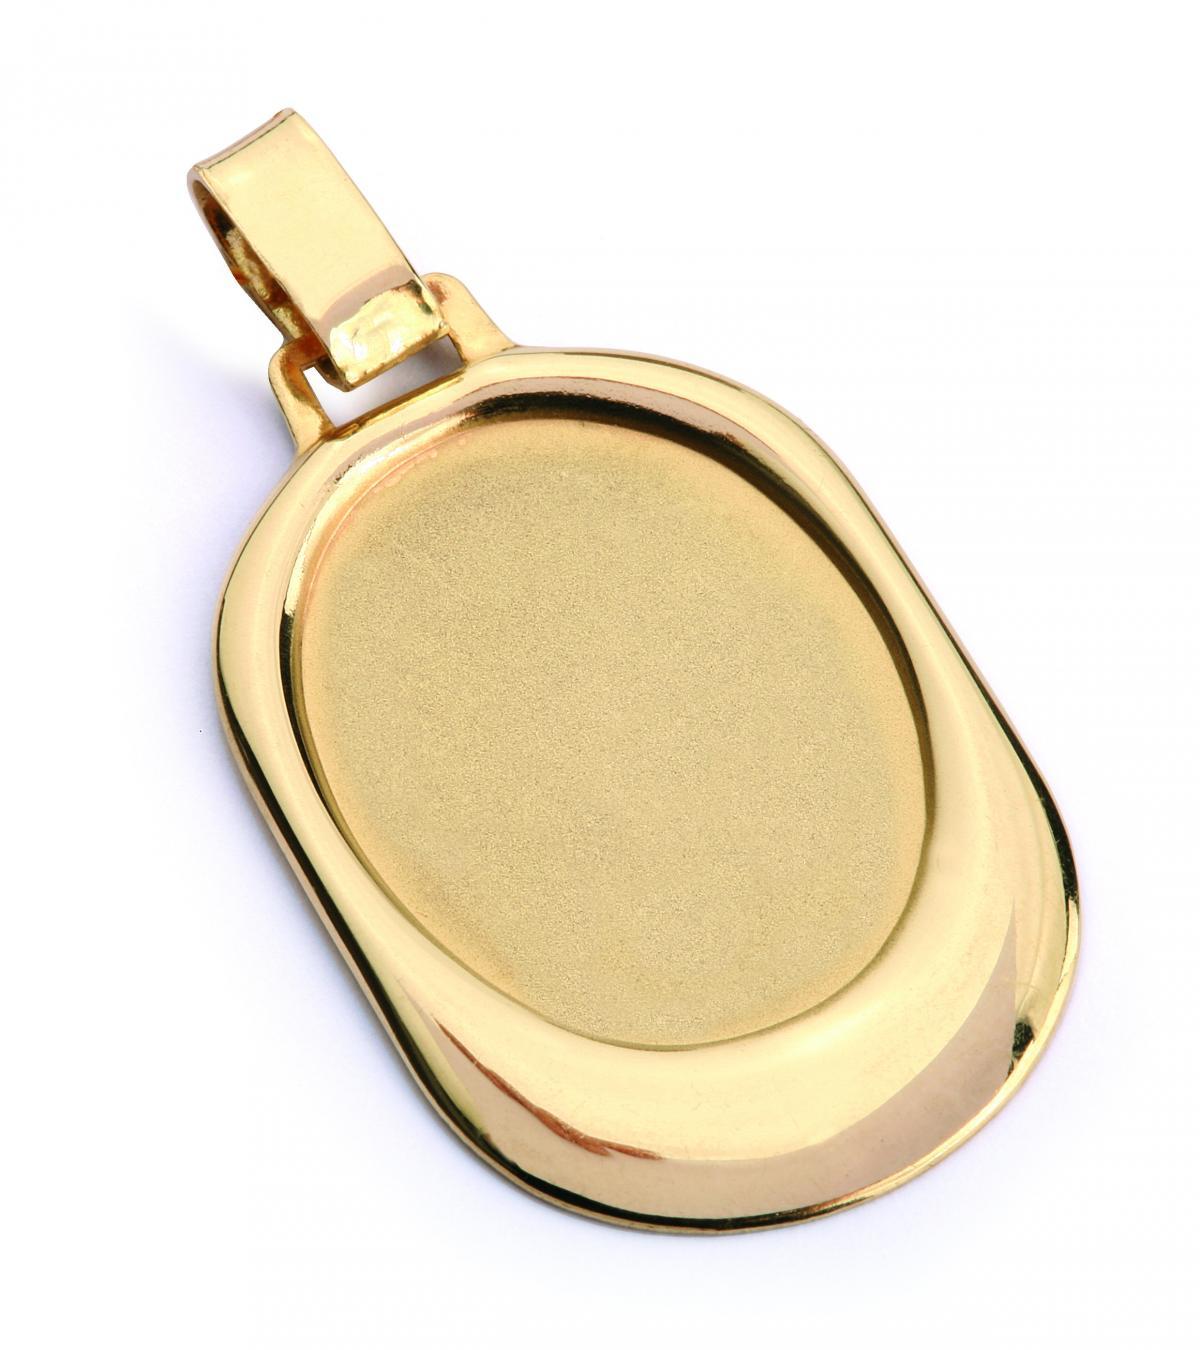 Złota męska biżuteria - kolekcja firmy Yes - zdjęcie